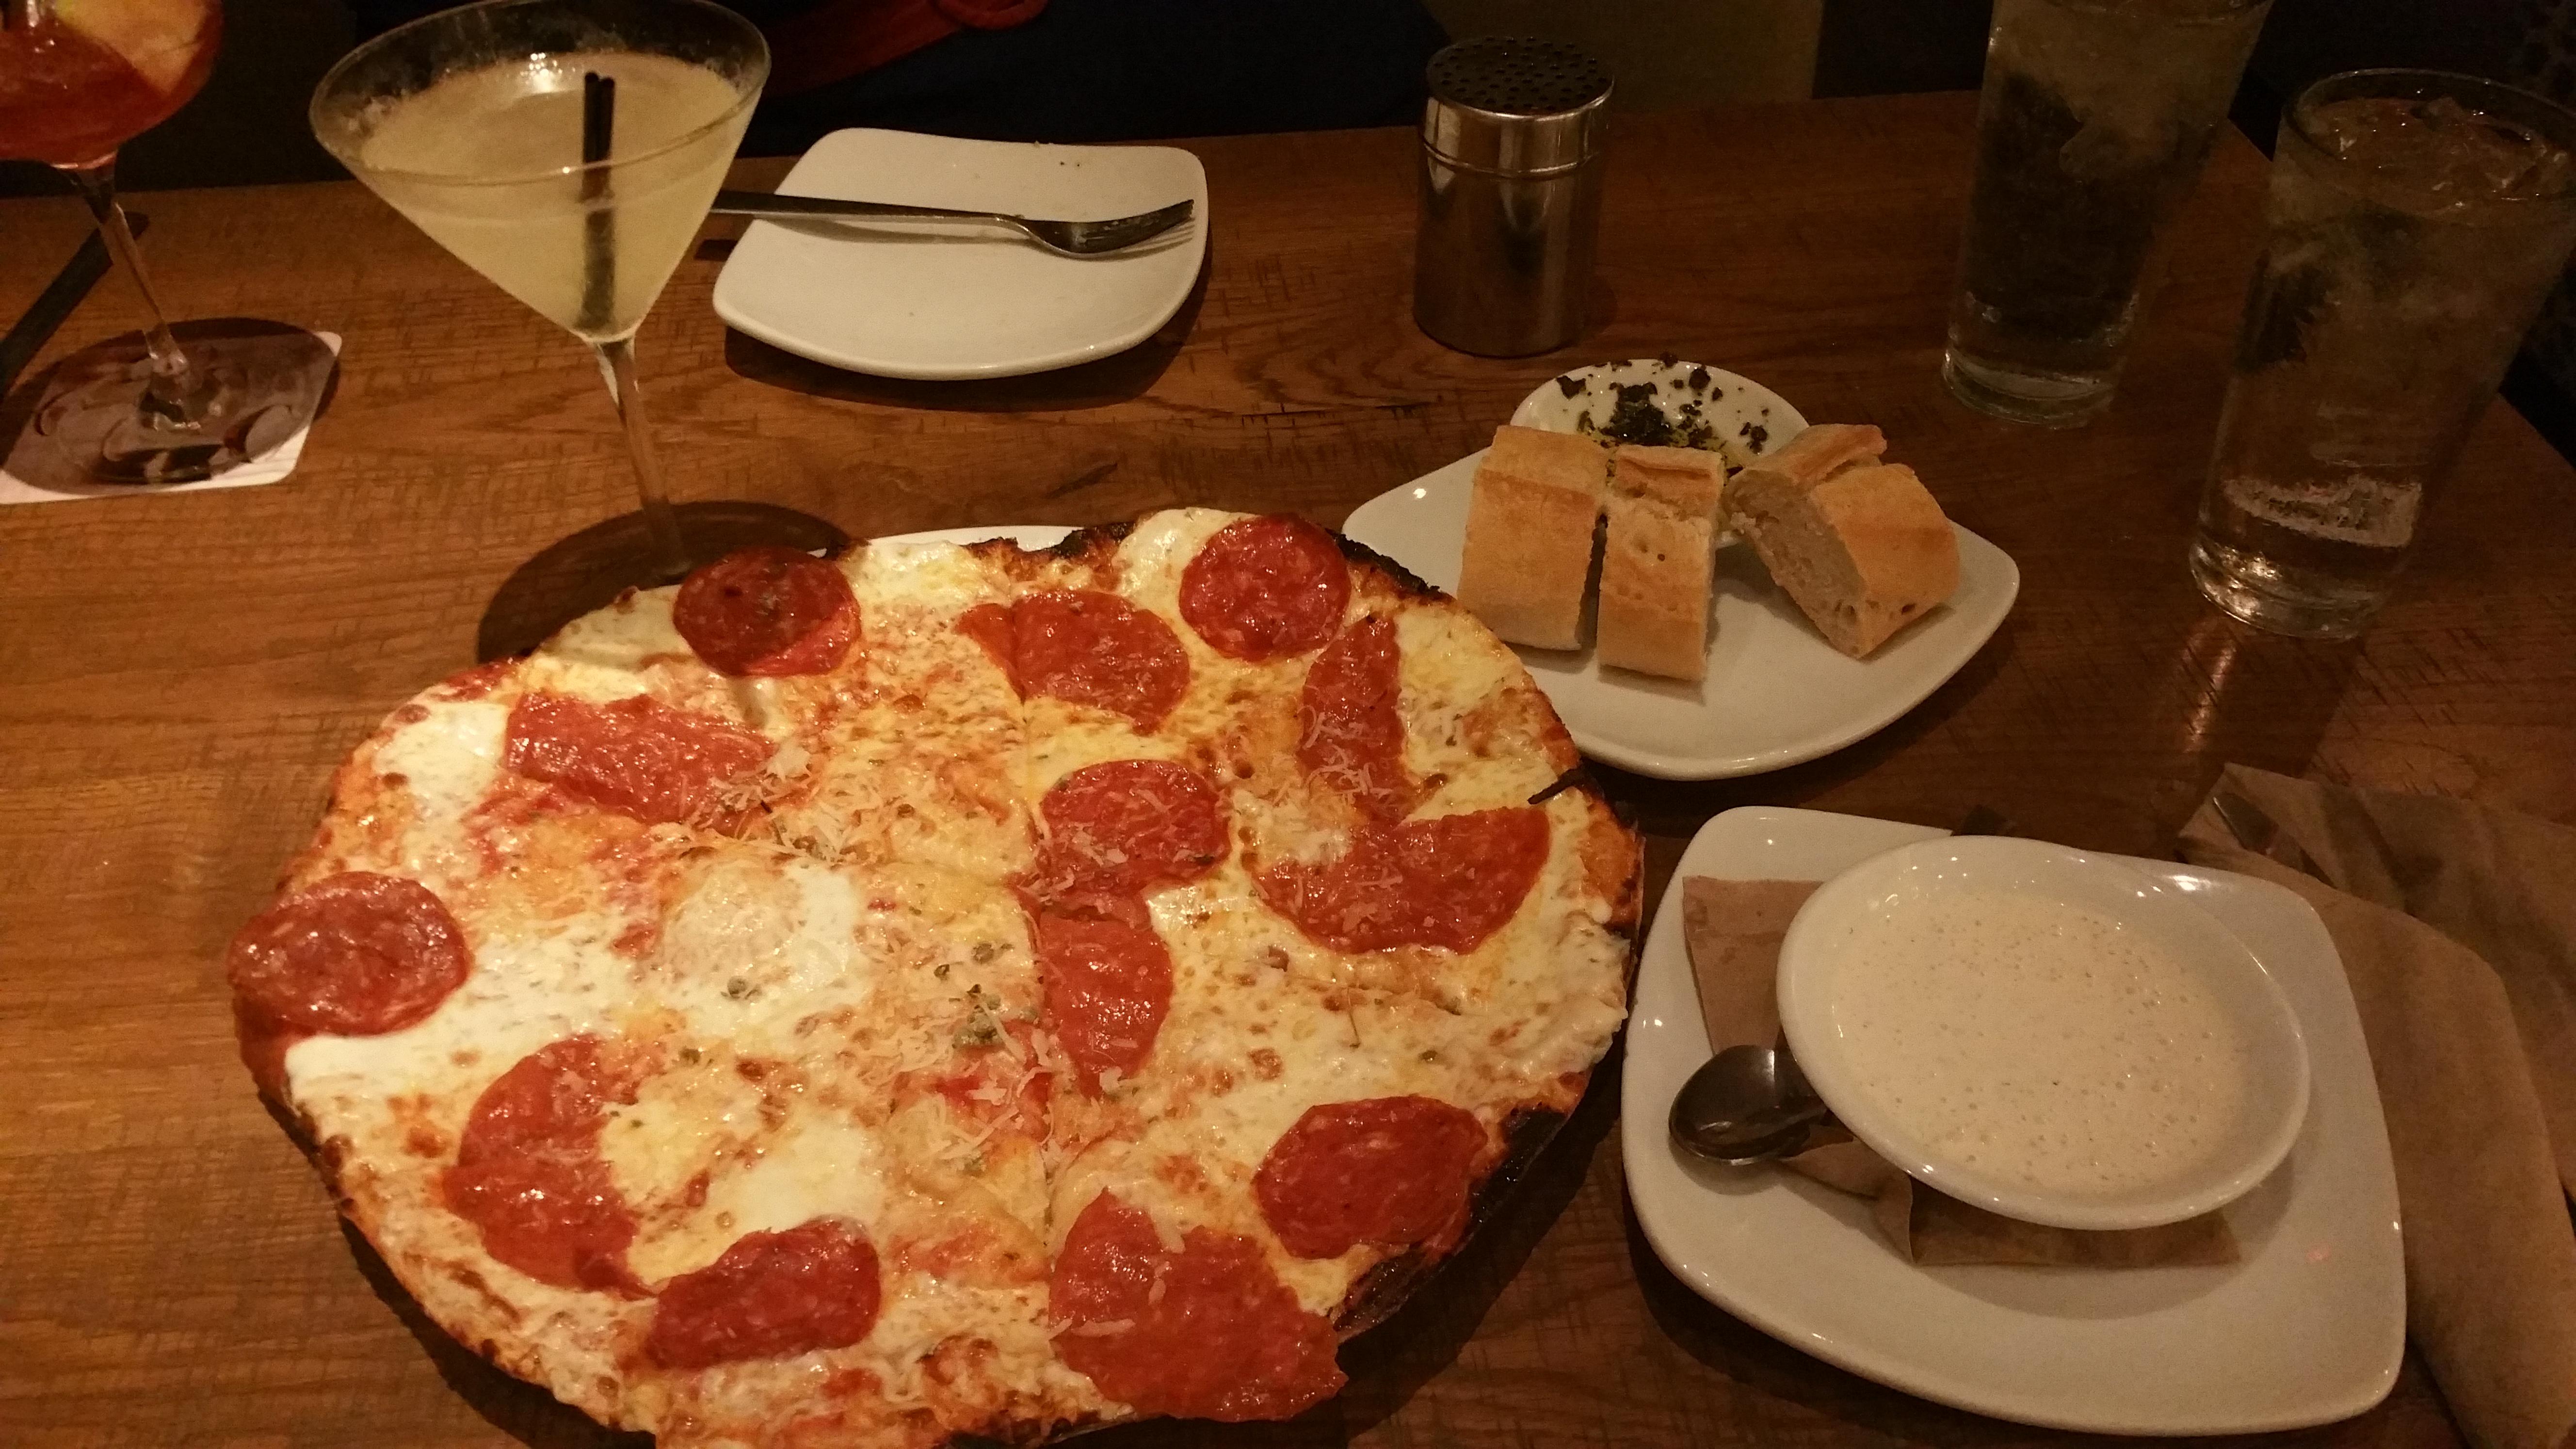 california pizza kitchen - California Pizza Kitchen Houston